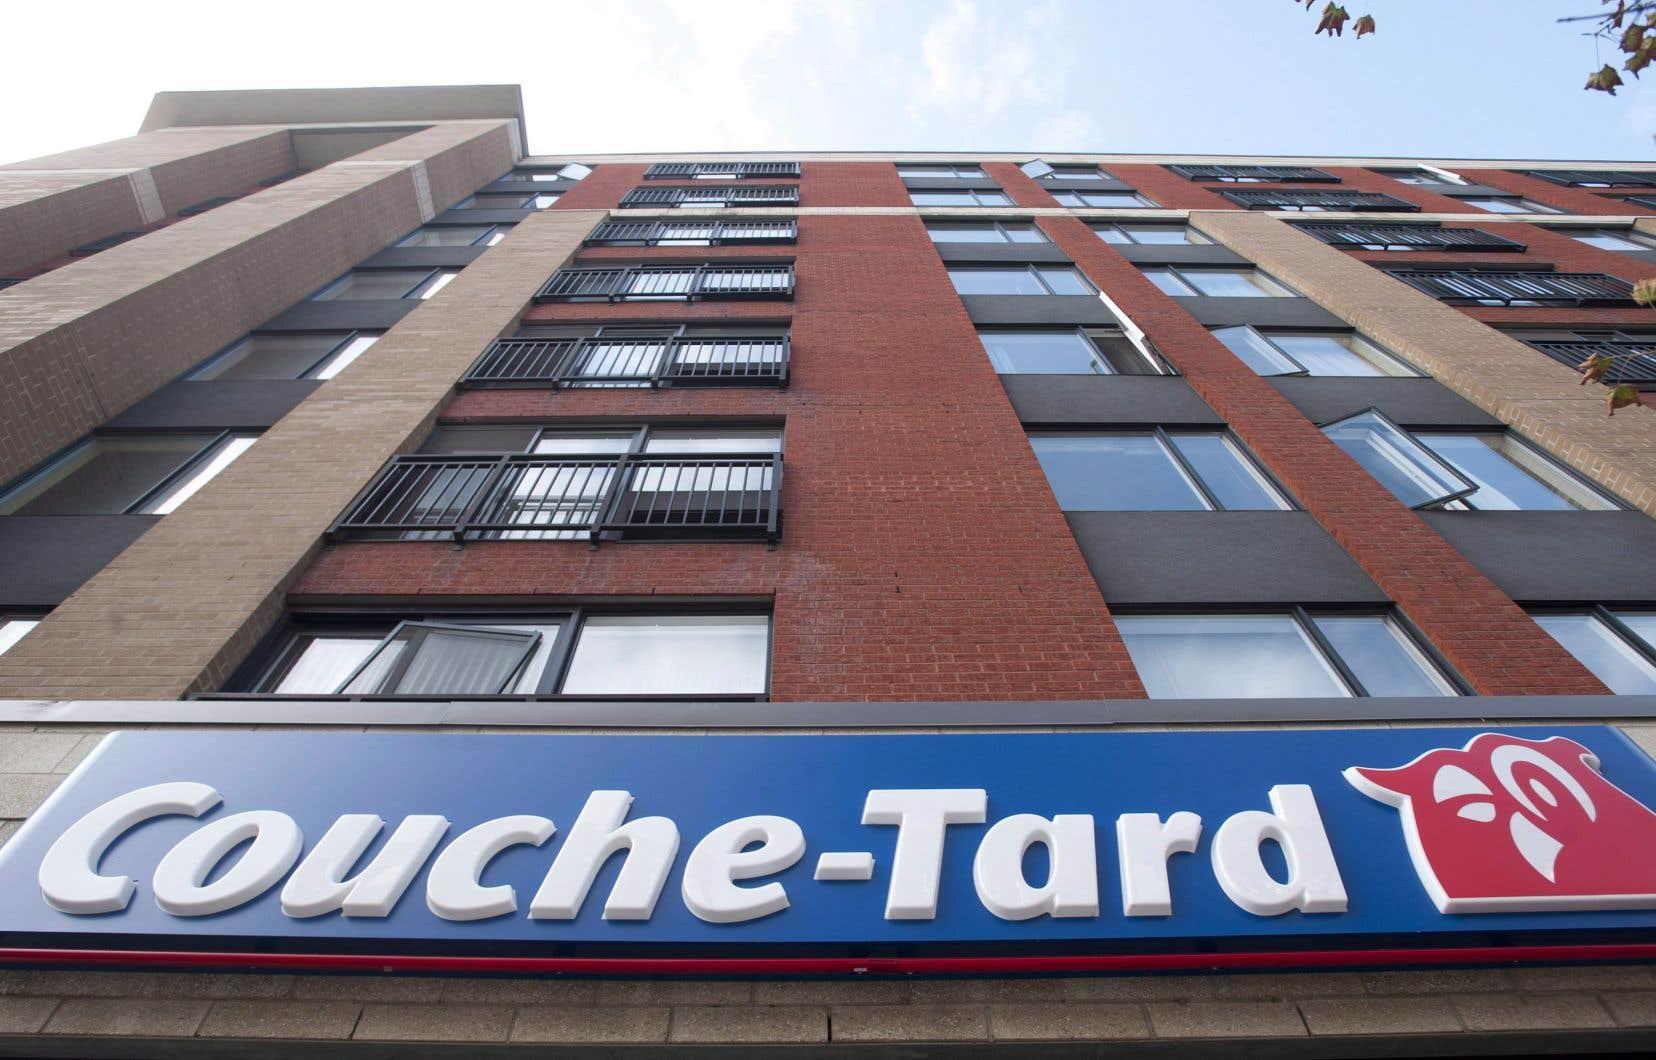 L'offre d'achat permettrait à Alimentation Couche-Tard de se développer au-delà de l'Amérique du Nord et de l'Europe, son objectif étant de doubler la taille de l'entreprise.